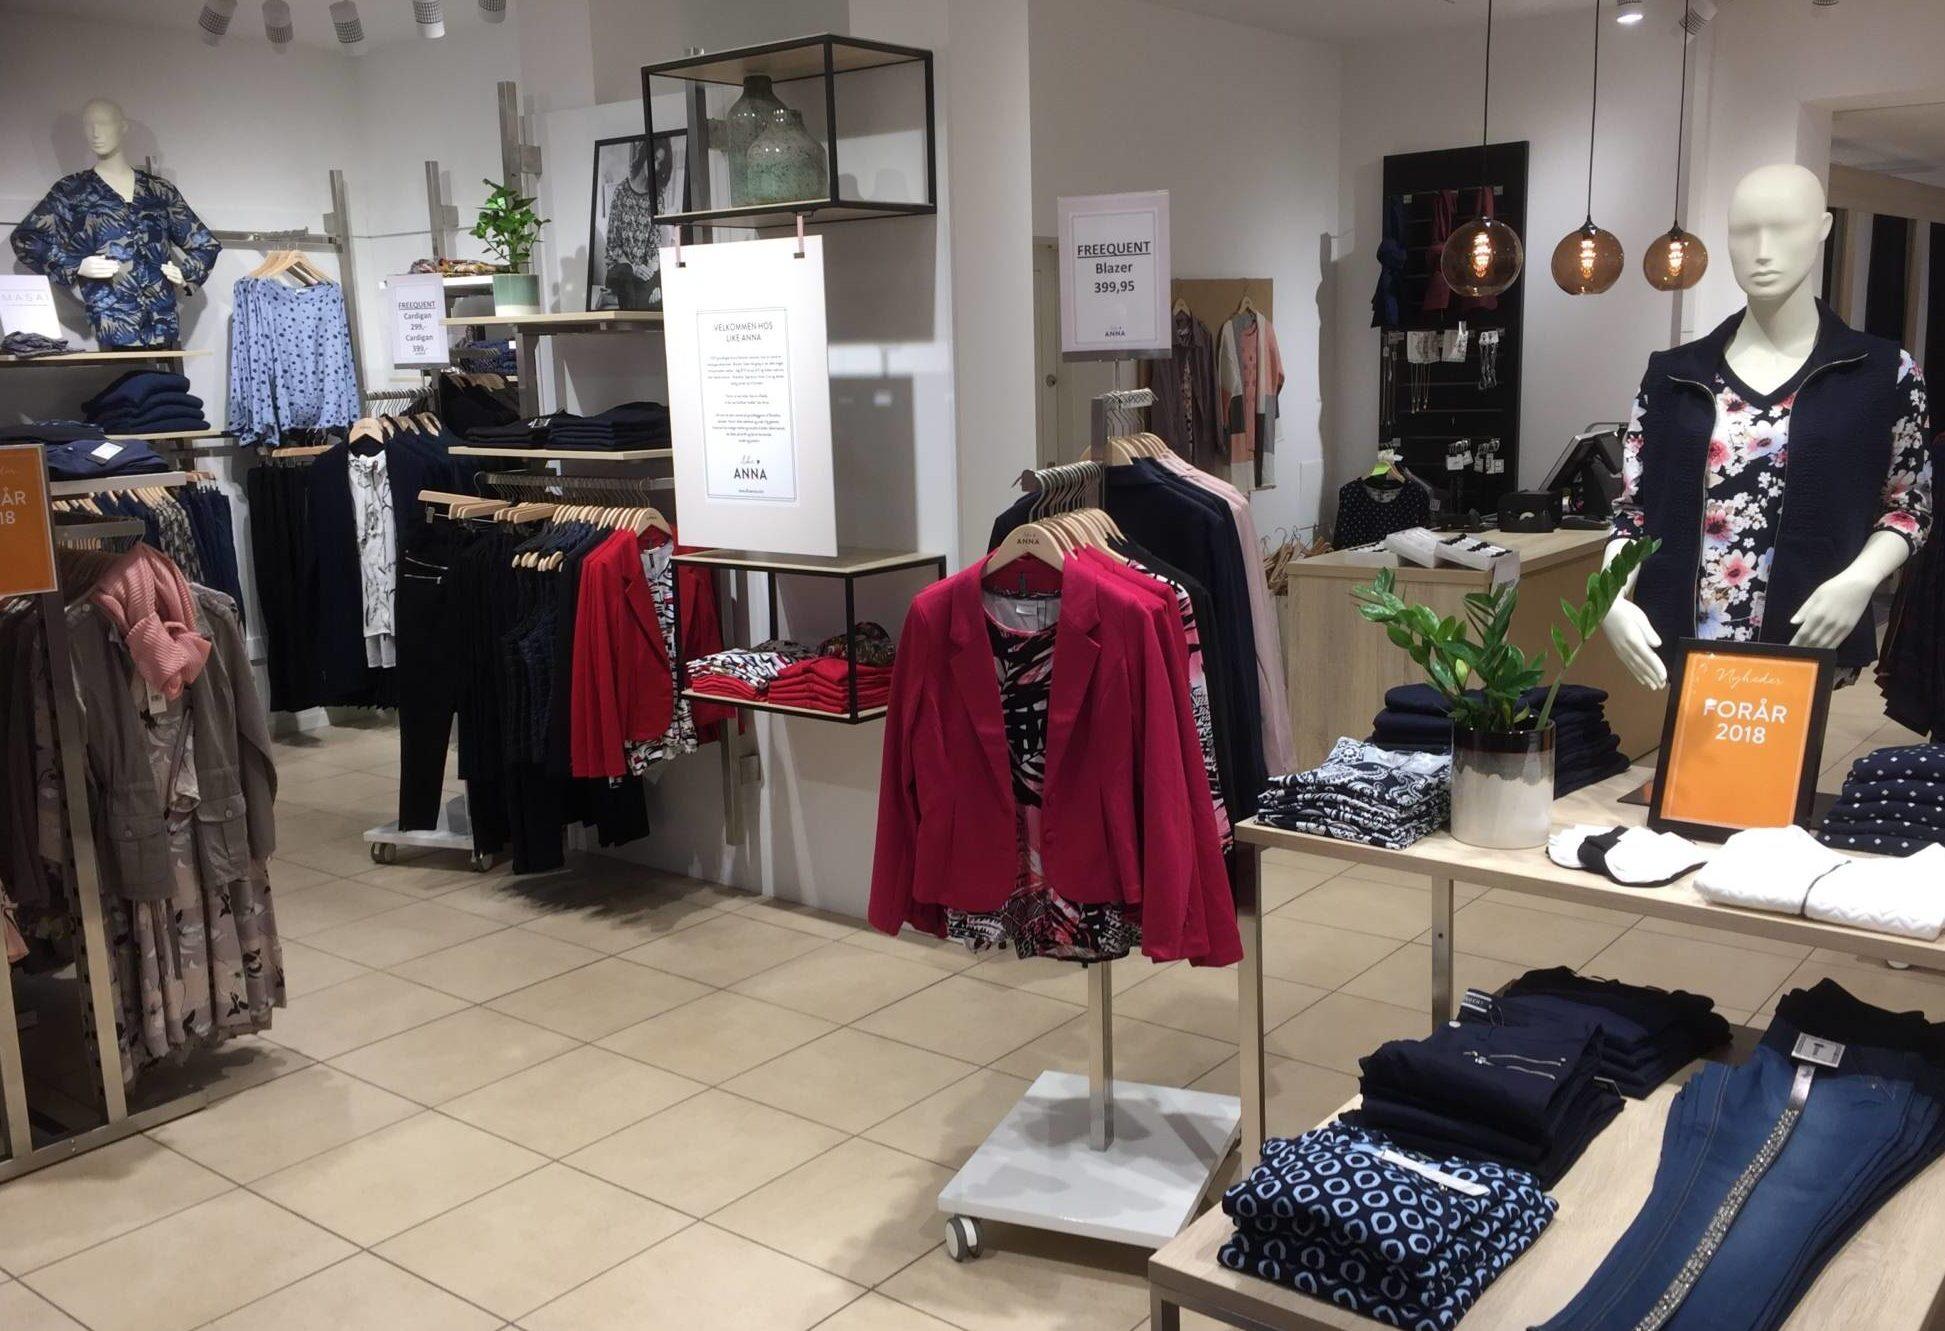 Flot indrettet Modebutik i Aalborg. Butiksinventar. Butiksindretning.